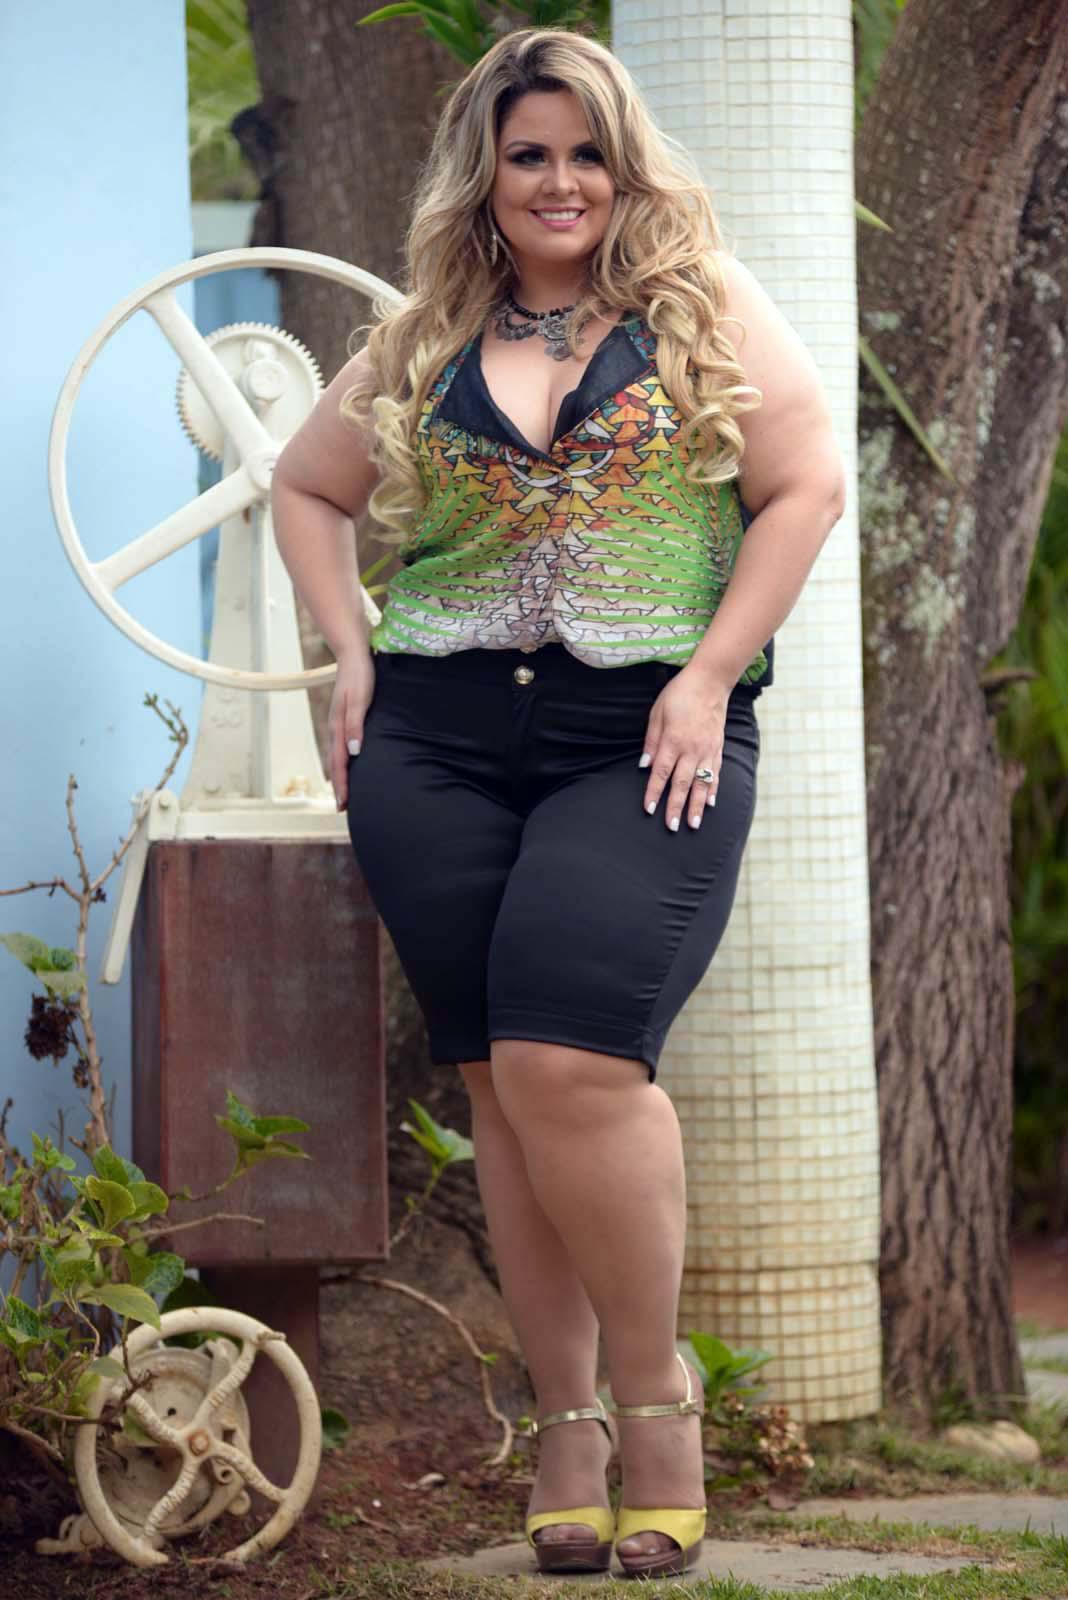 Amanda Santana Bbw amanda santana - plus-size models - curvage